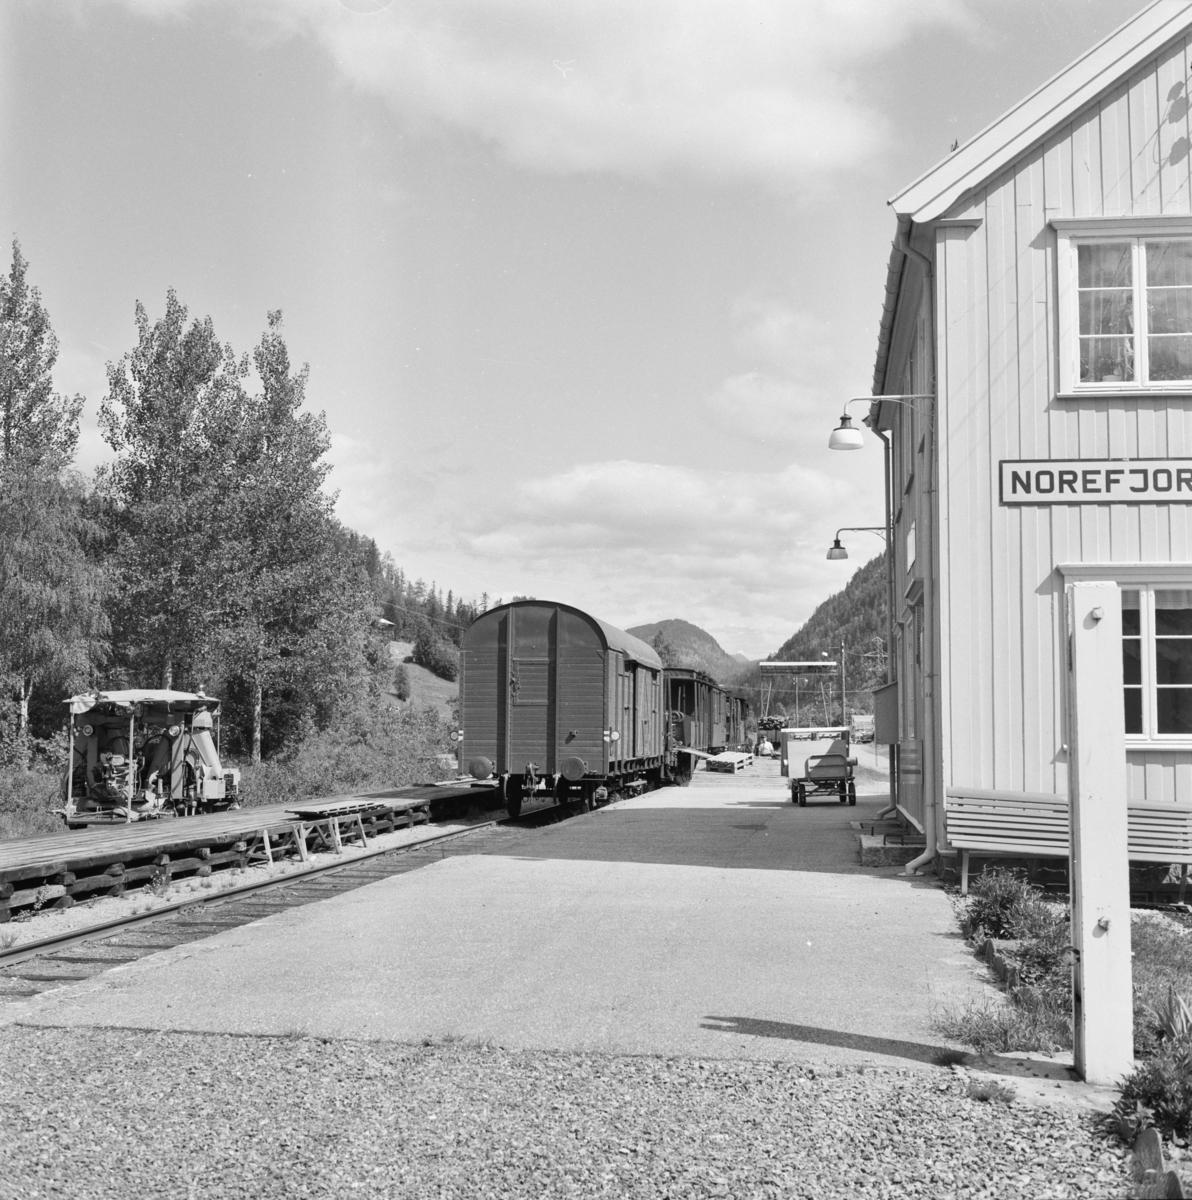 Godstog 5397 har stoppet på Norefjord stasjon for av- og pålessing av stykkgods. Til venstre en motorisert arbeidstralle for baneavdelingen.